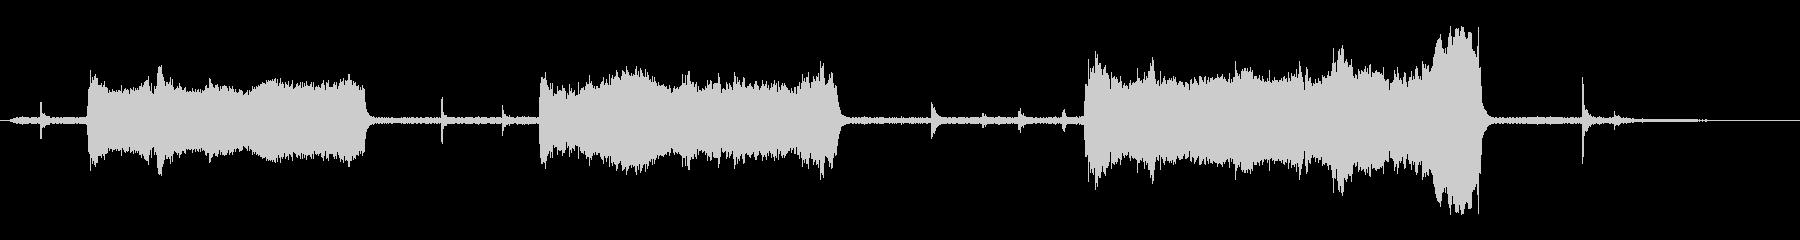 平面機械、ツール; DIGIFFE...の未再生の波形